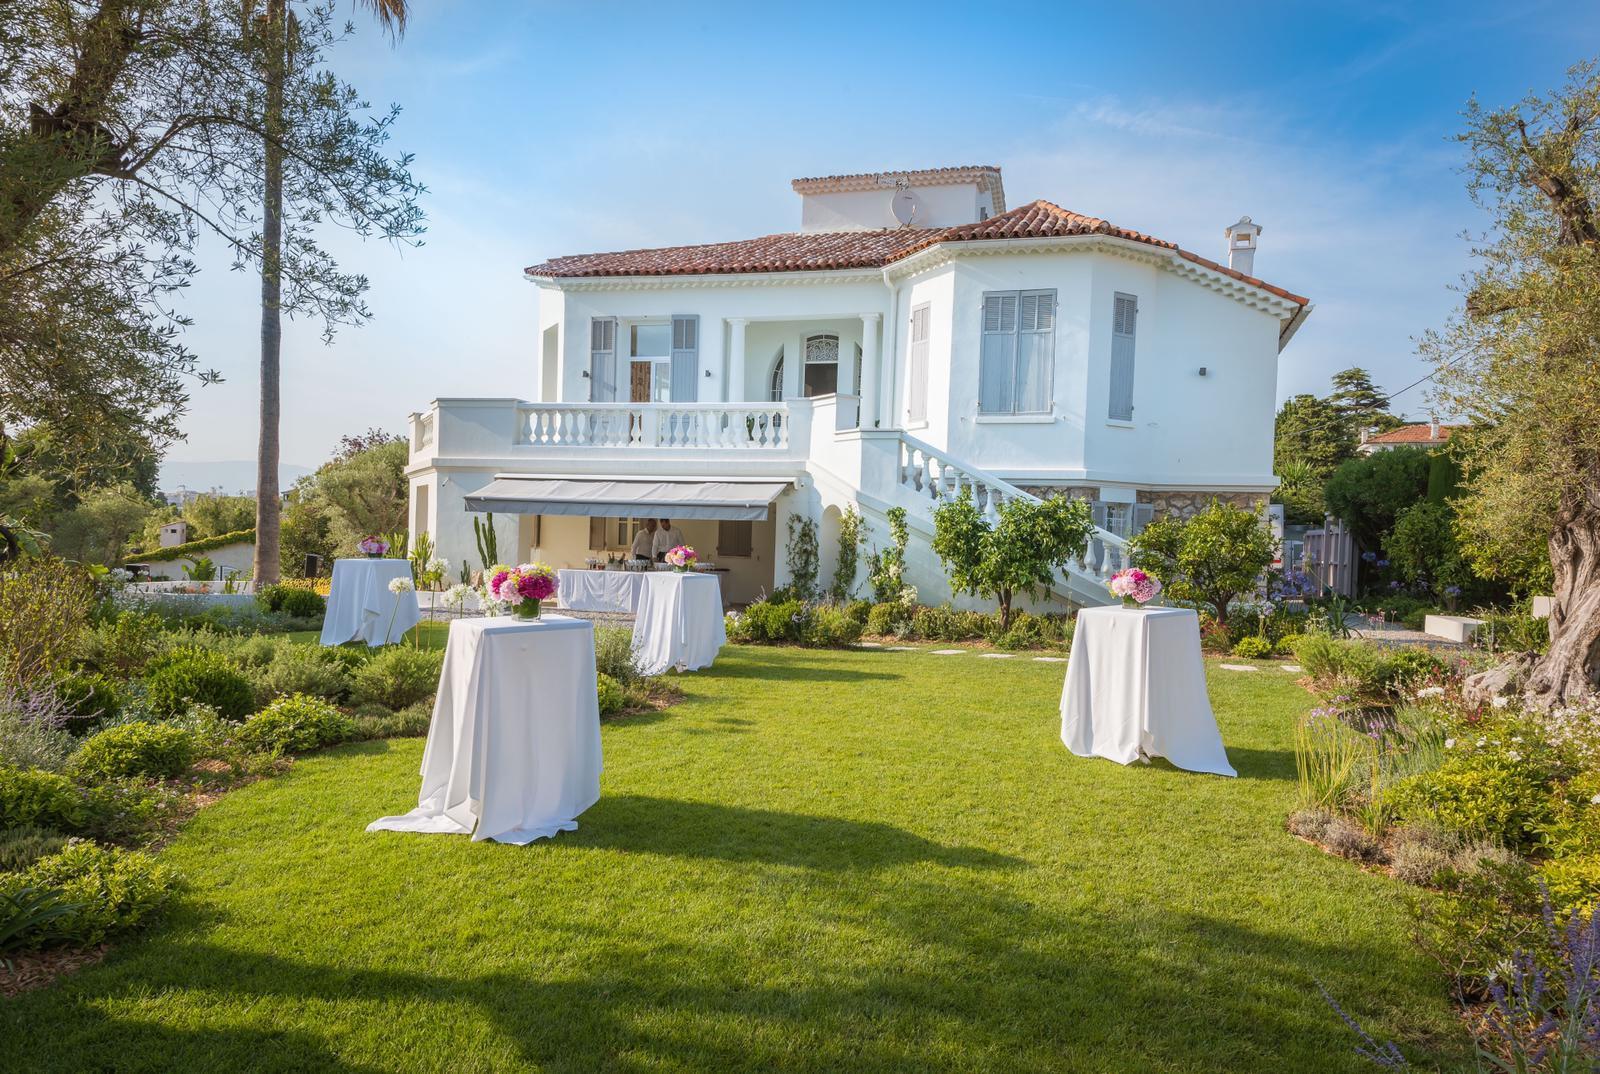 Villa de style Belle Epoque au Cap d'Antibes